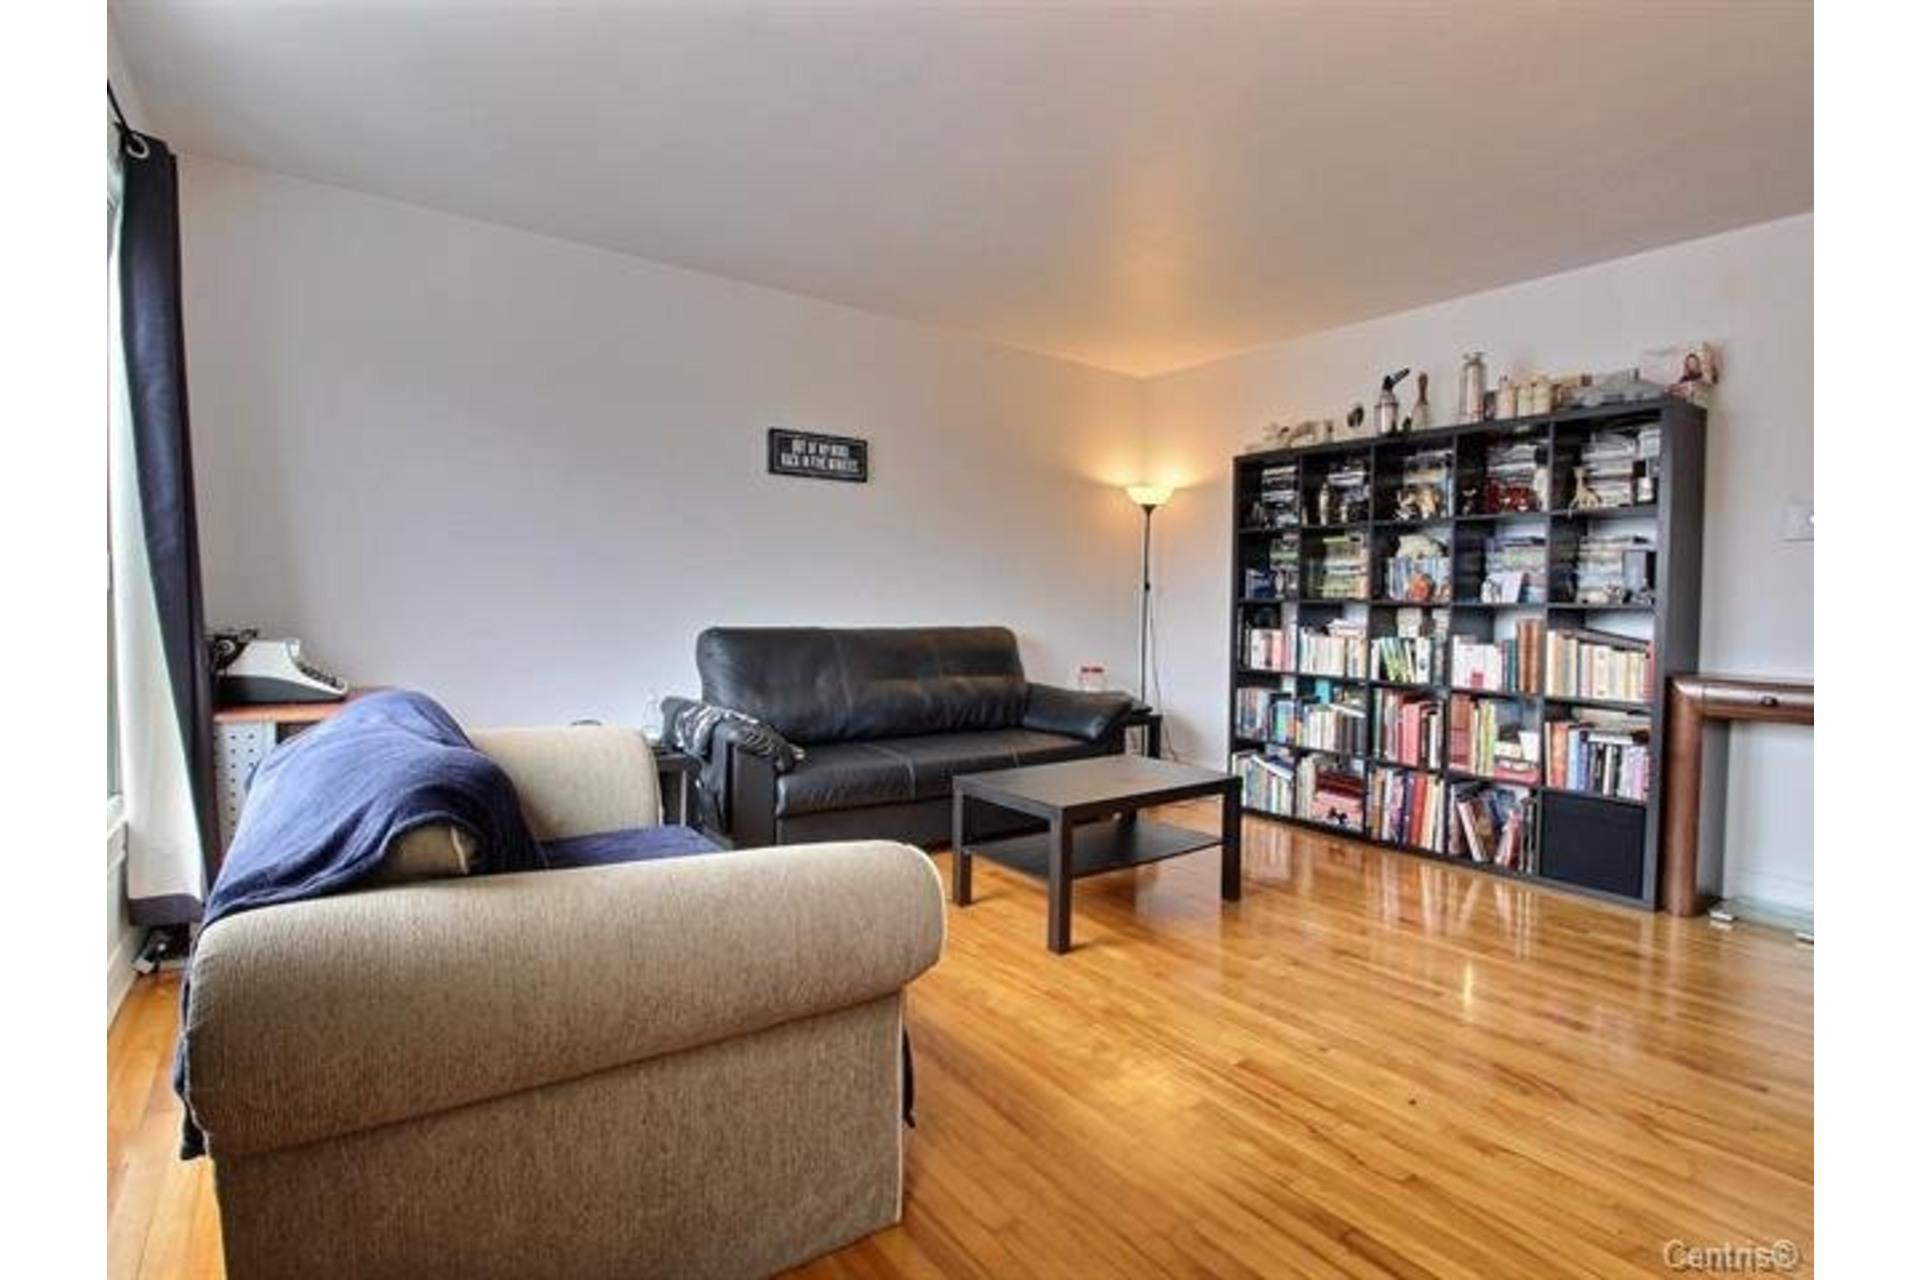 image 3 - Apartment For rent Montréal Mercier/Hochelaga-Maisonneuve  - 7 rooms